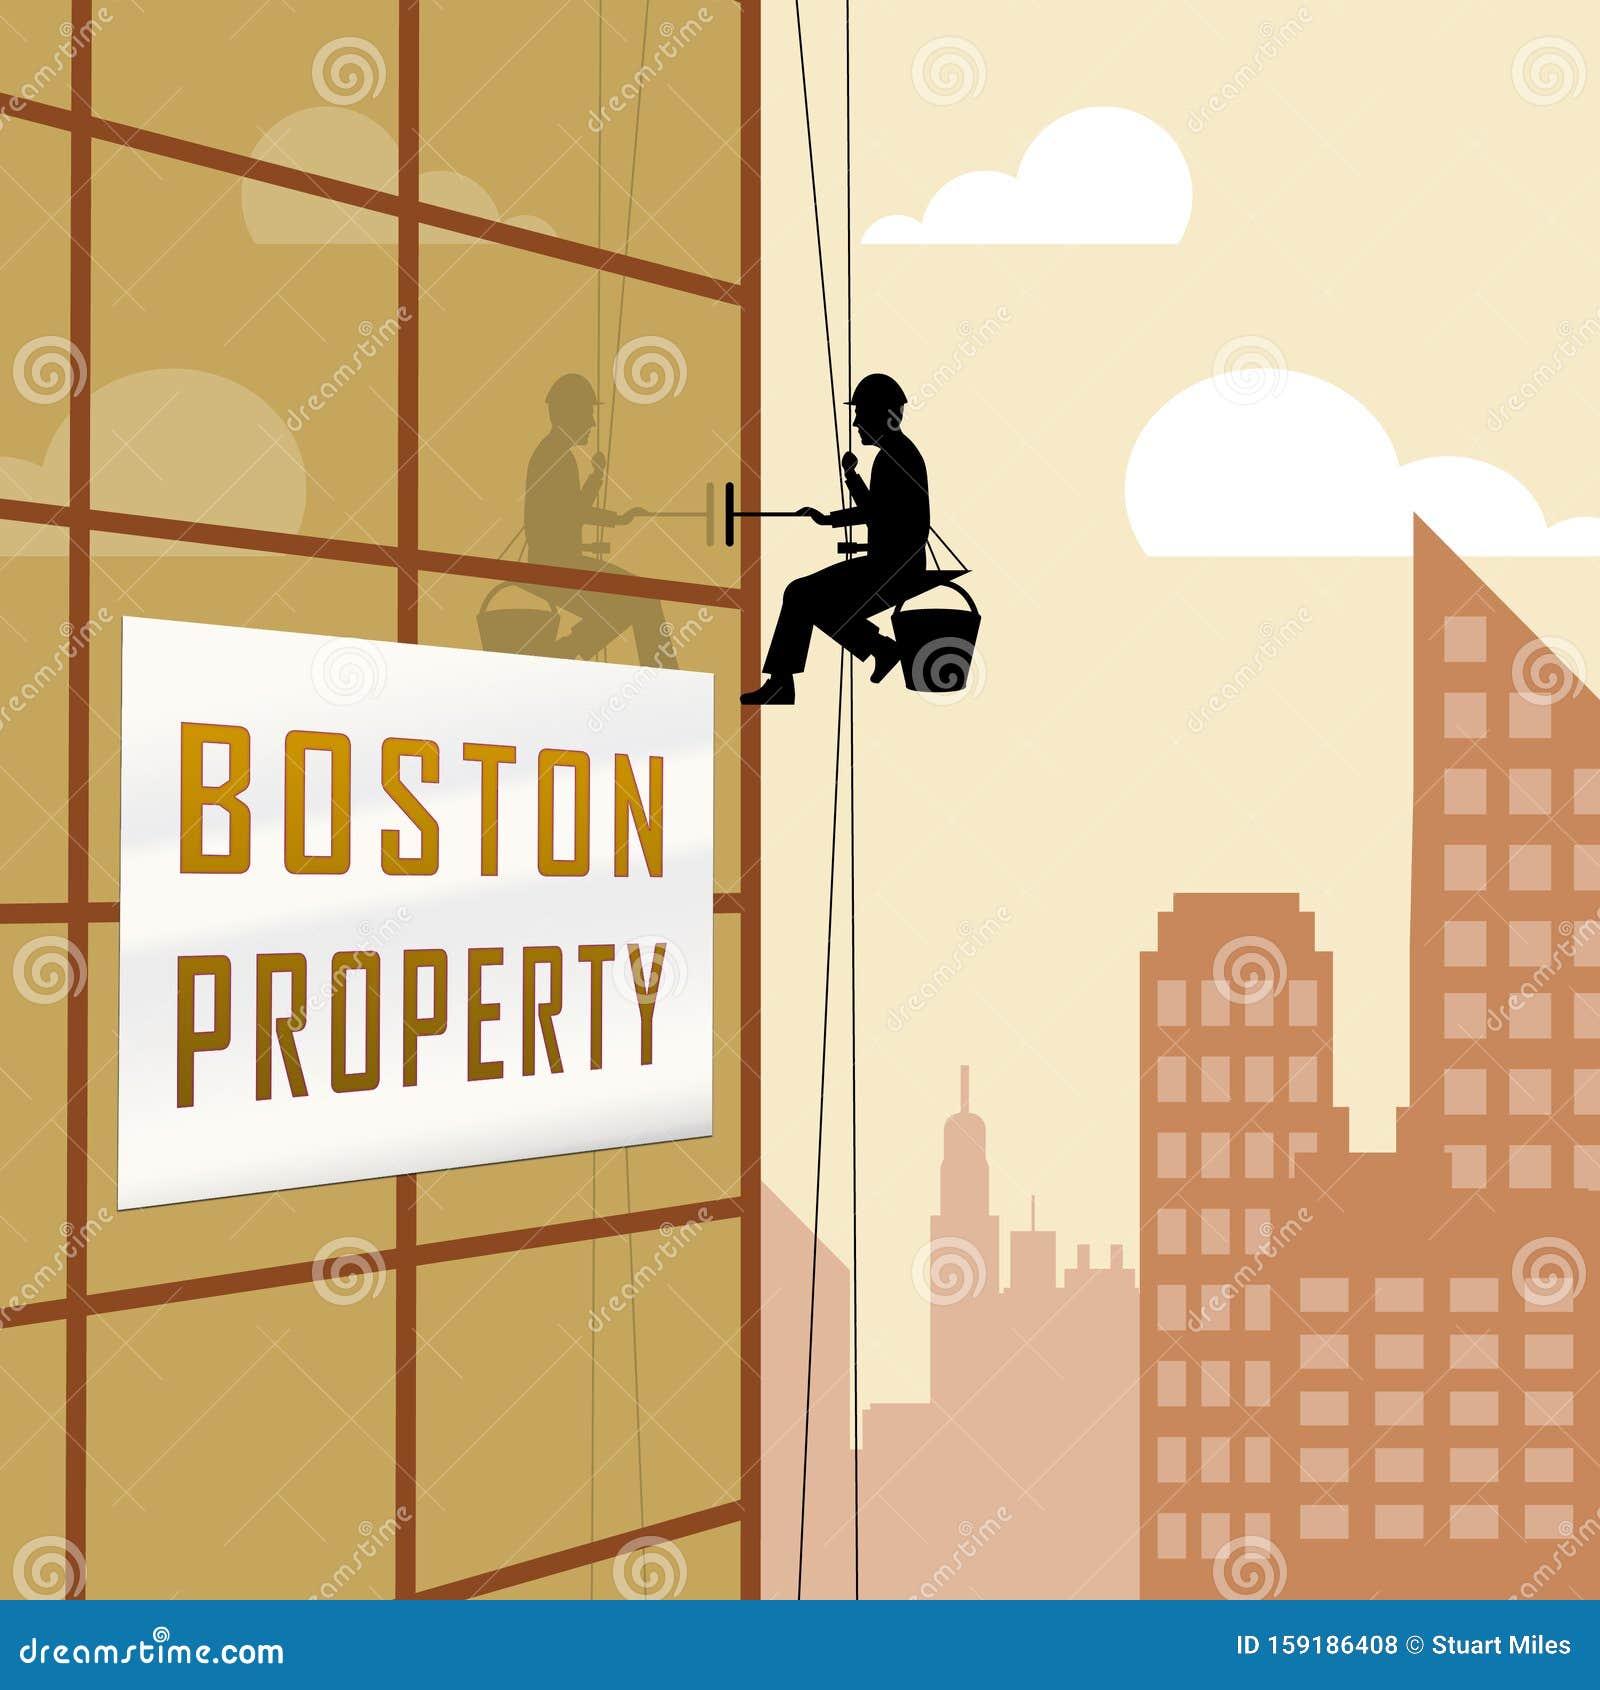 бостон недвижимость